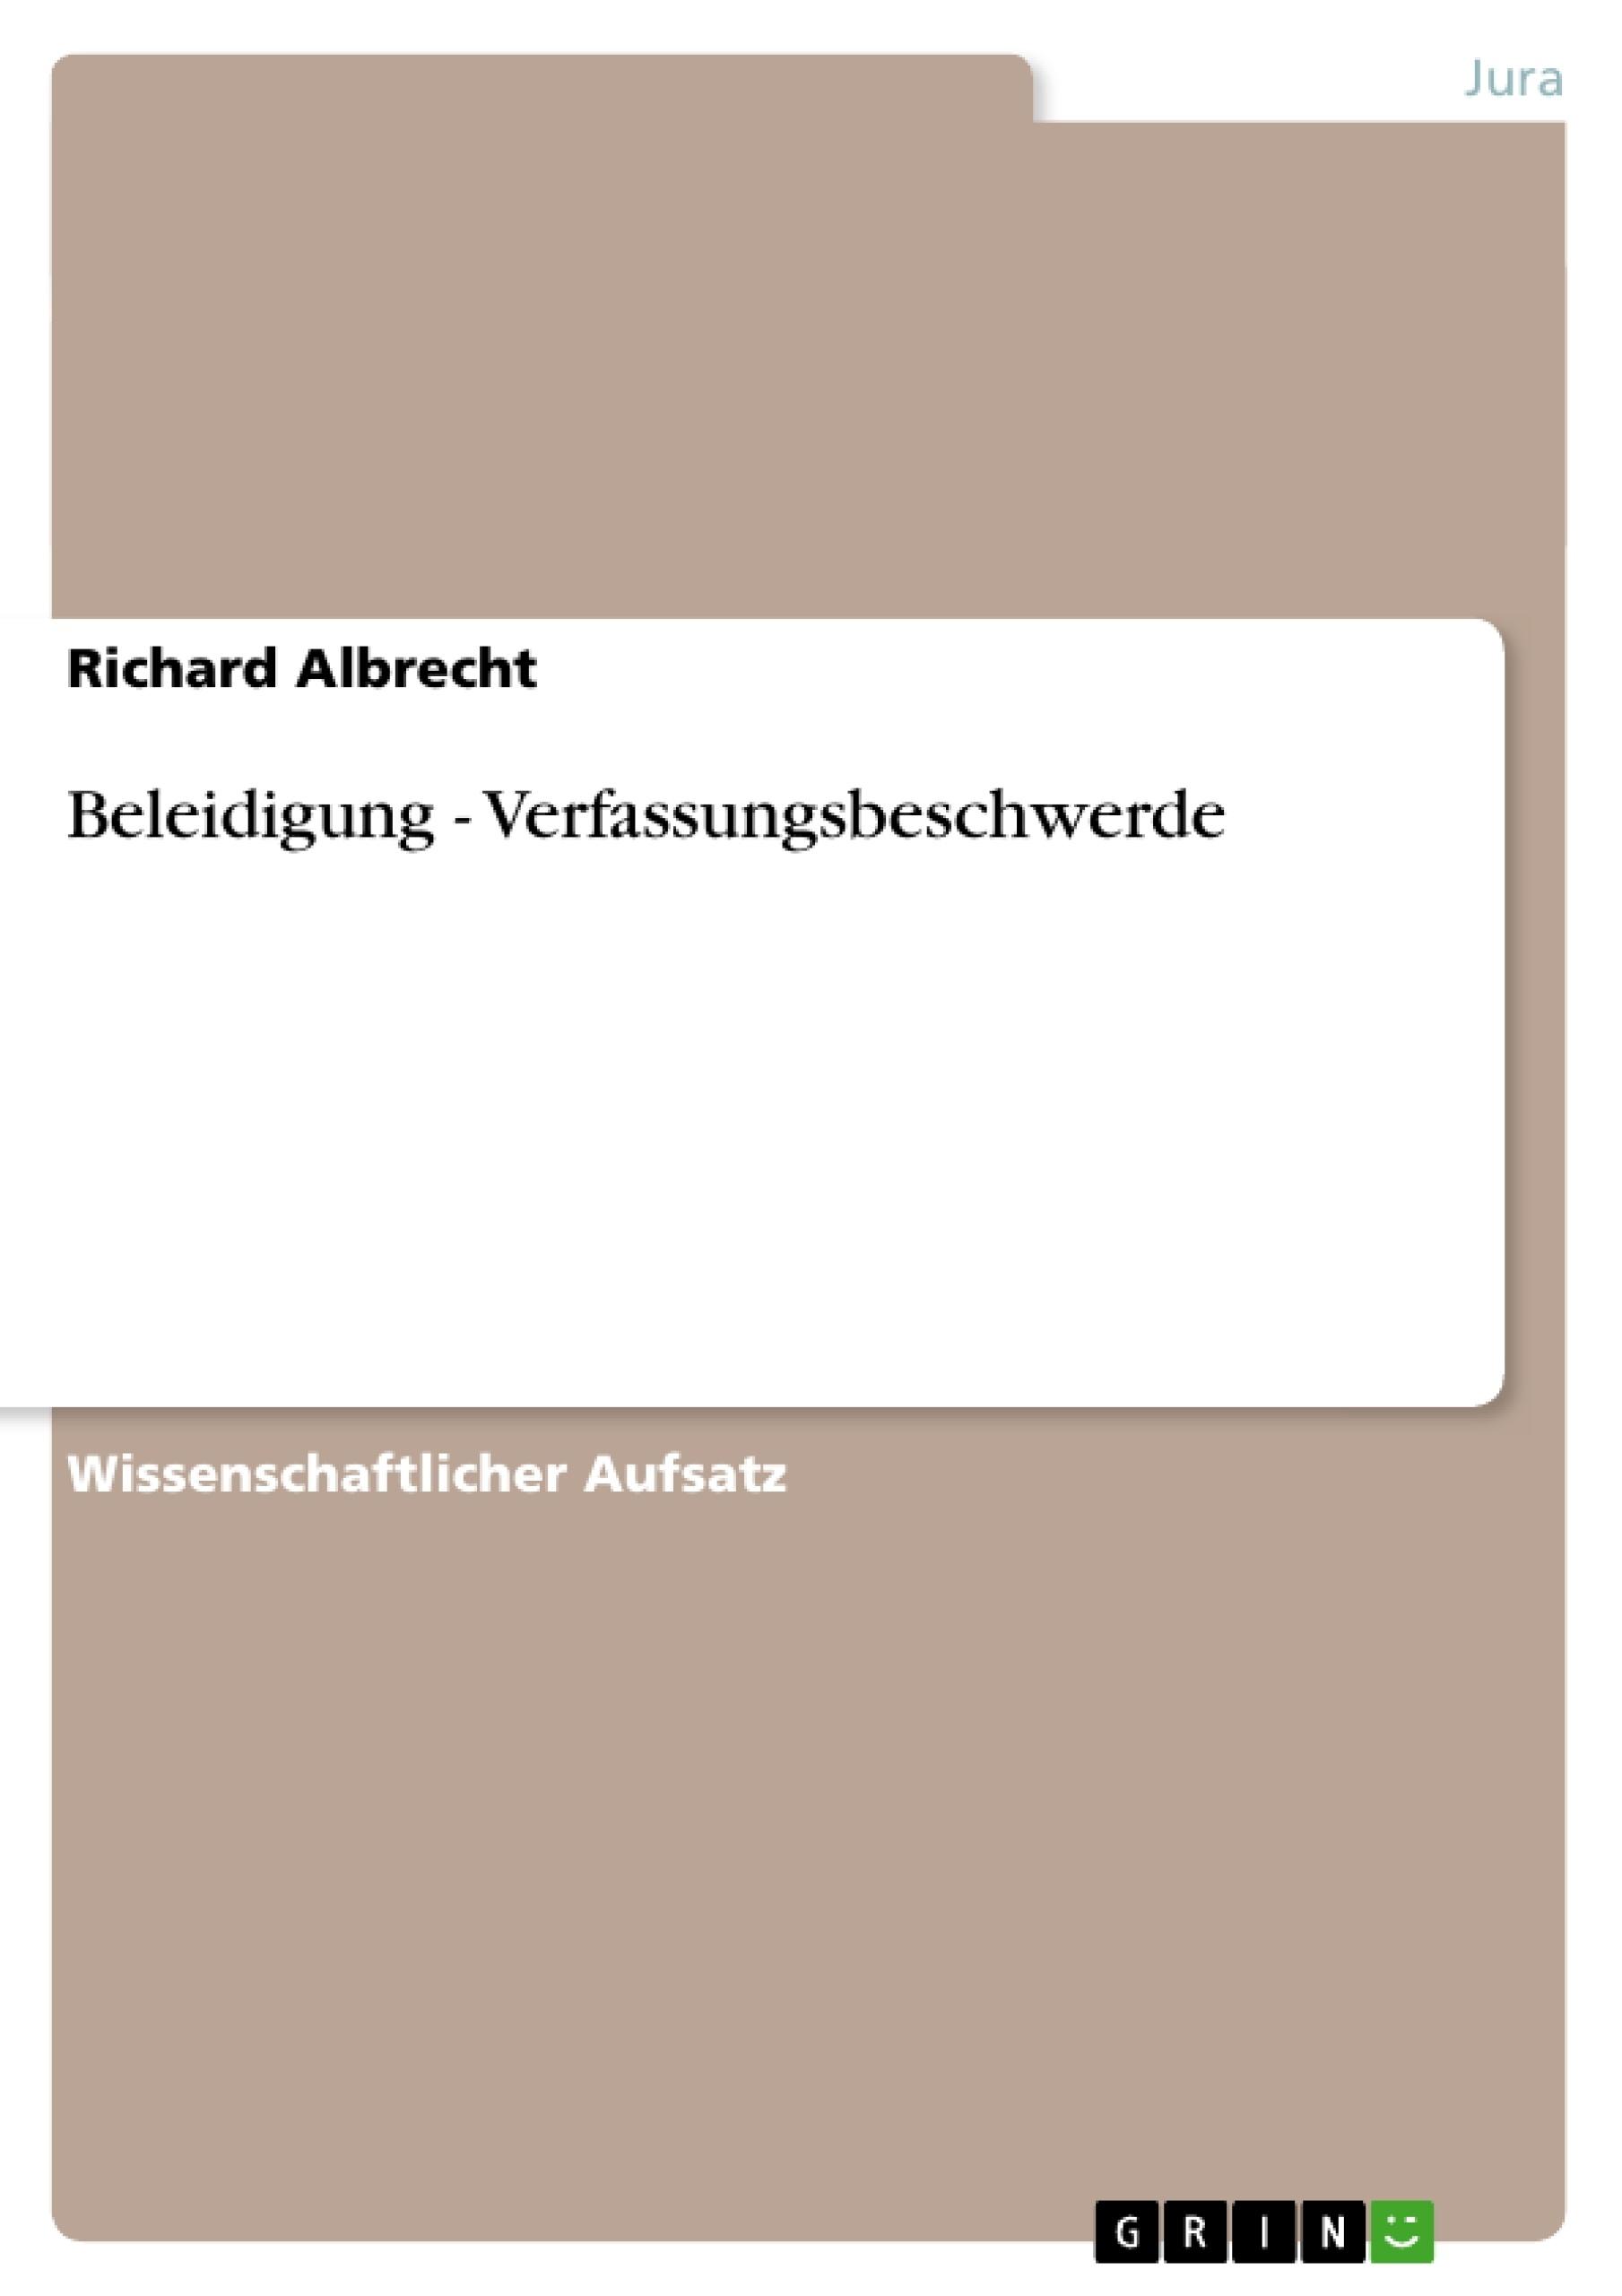 Titel: Beleidigung - Verfassungsbeschwerde